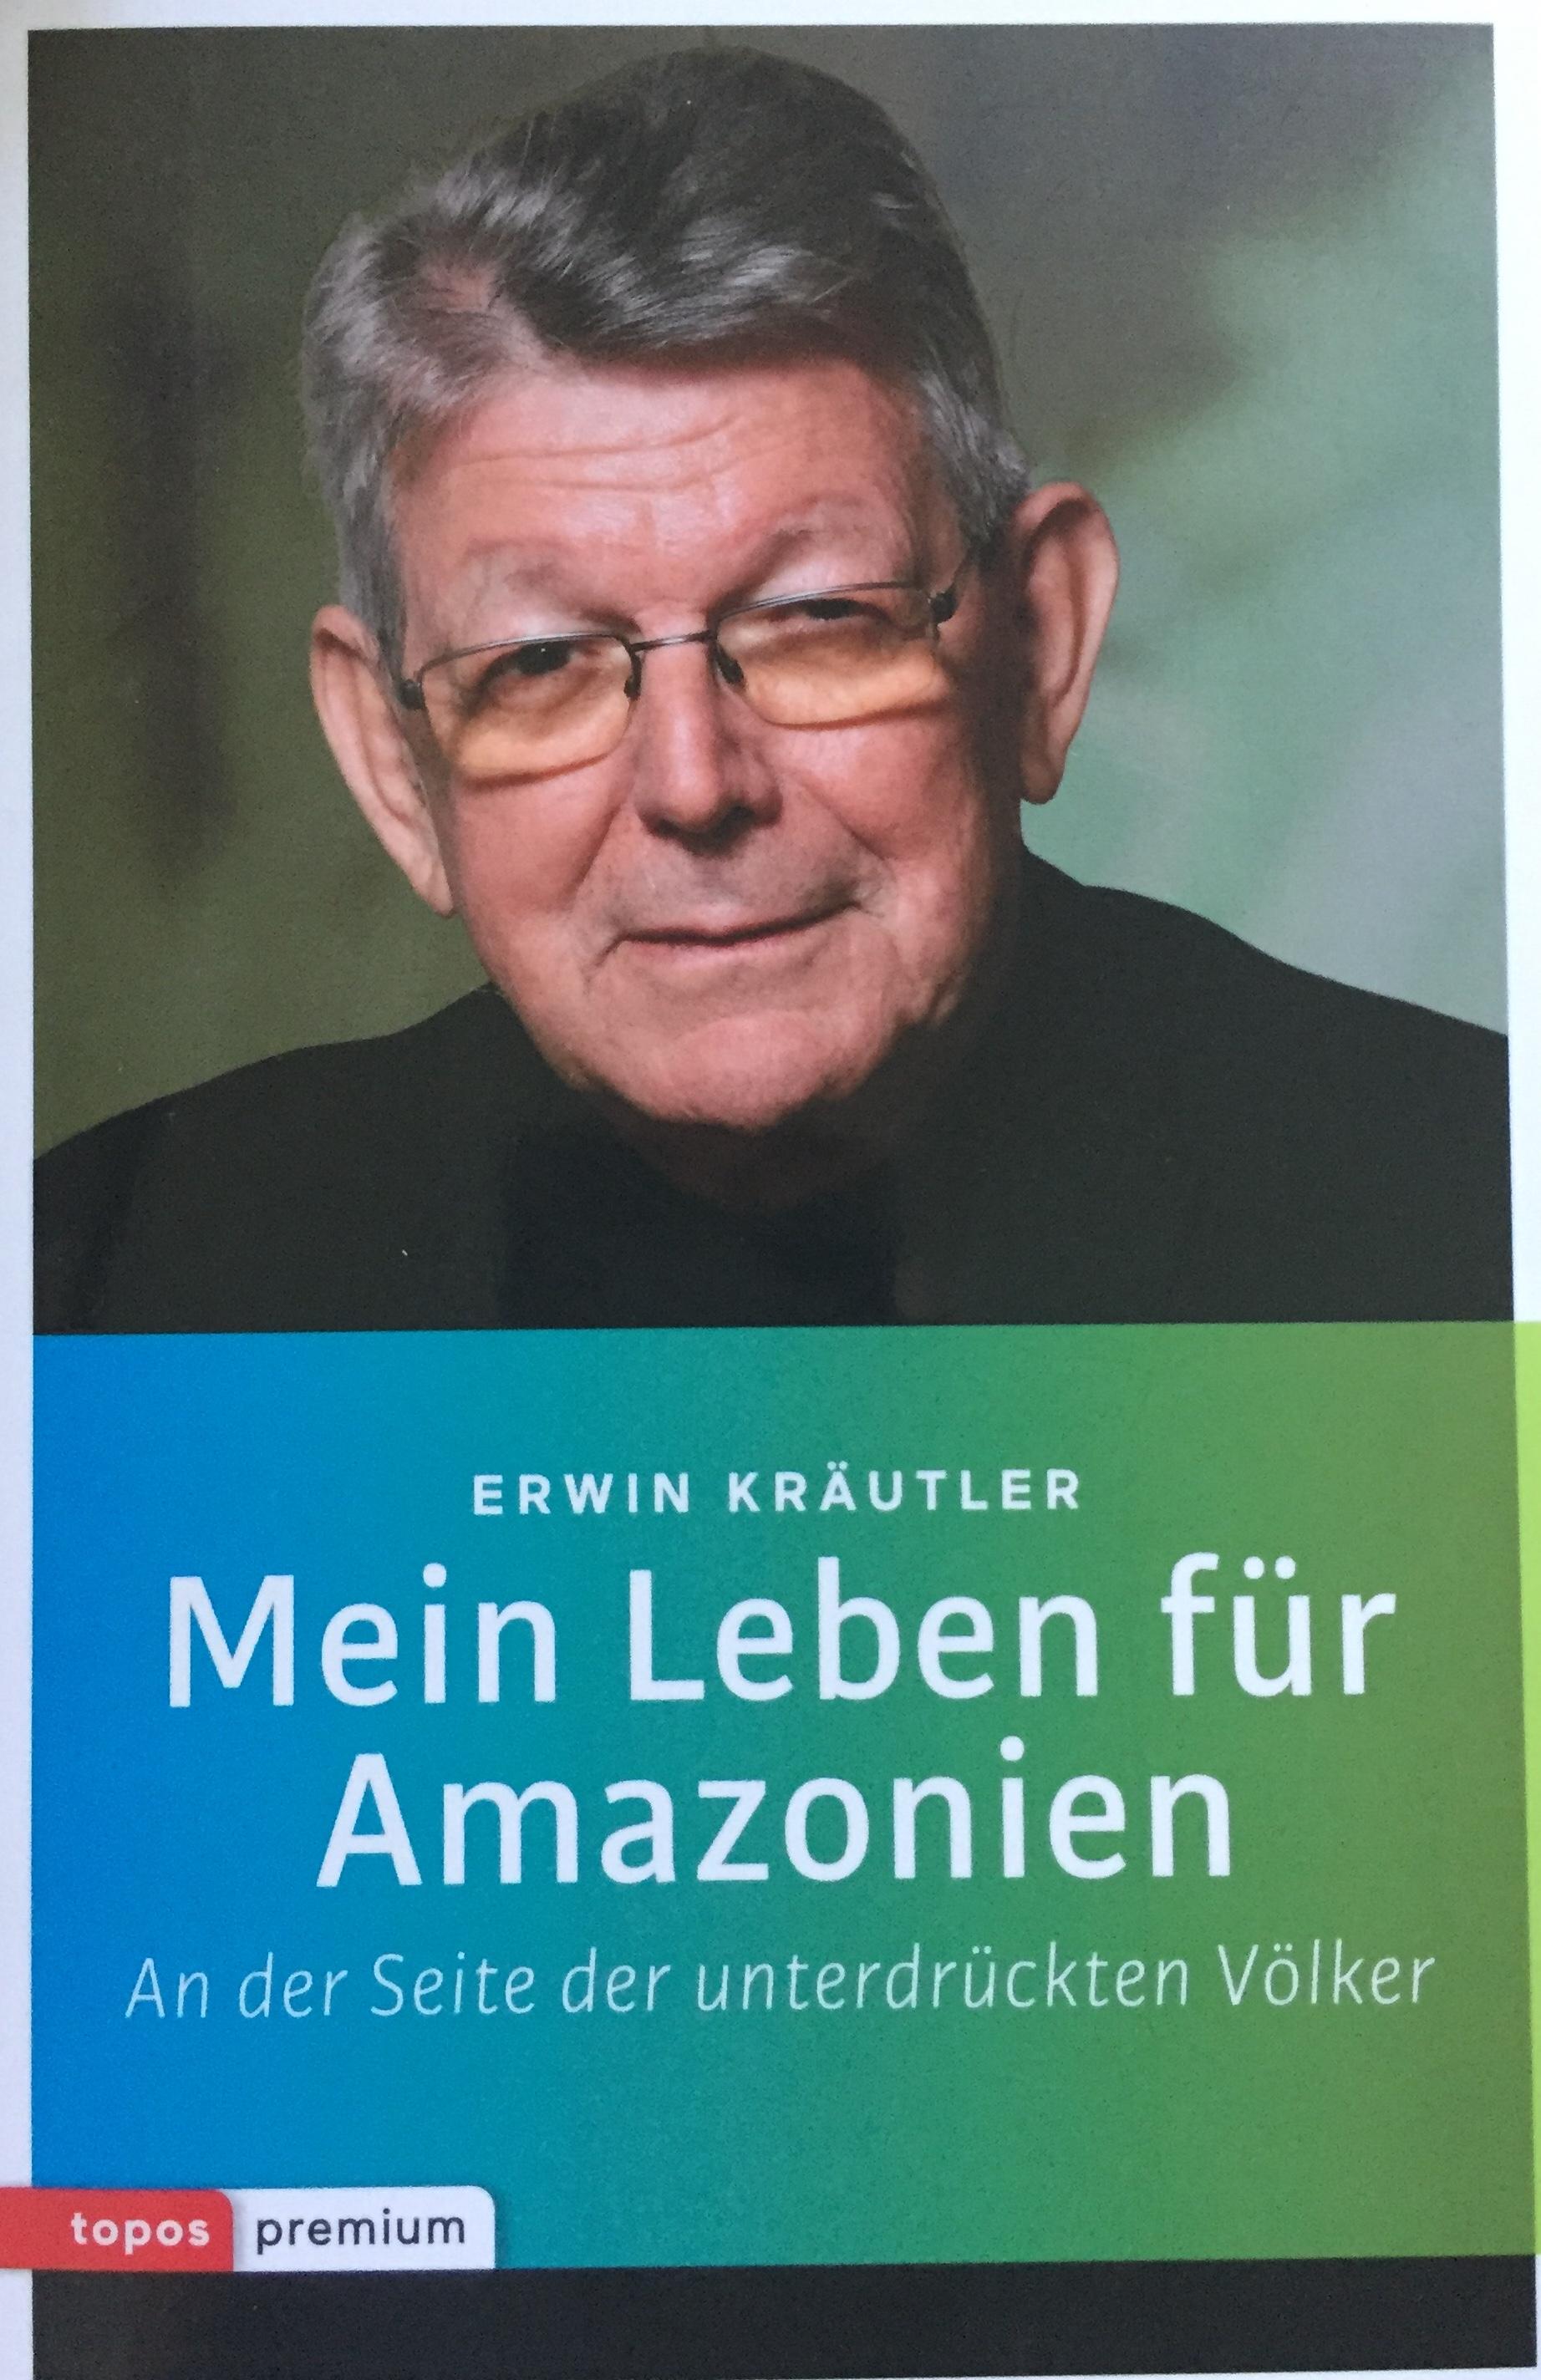 """Alt-Bischof Erwin Kräutler, neues Buch: """"Mein Leben für Amazonien - an der Seite der unterdrückten Völker""""; Sachbuch """"Dom Erwin"""" von Verena Daum (Bucher Verlag) www.progression.at"""